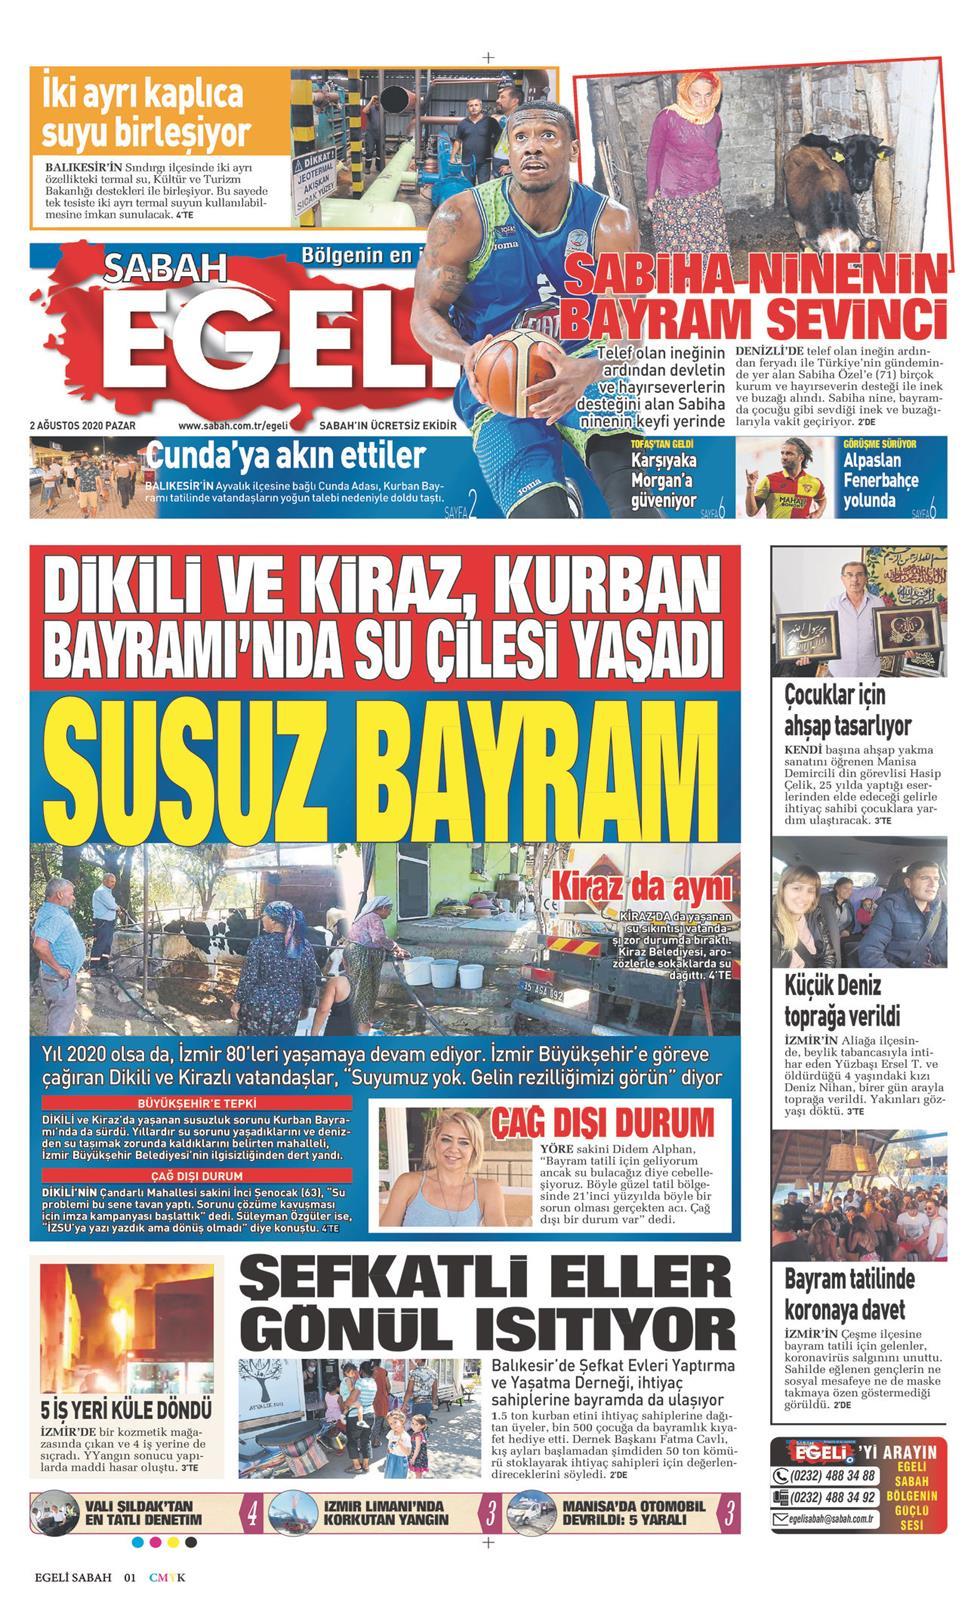 Sabah Egeli